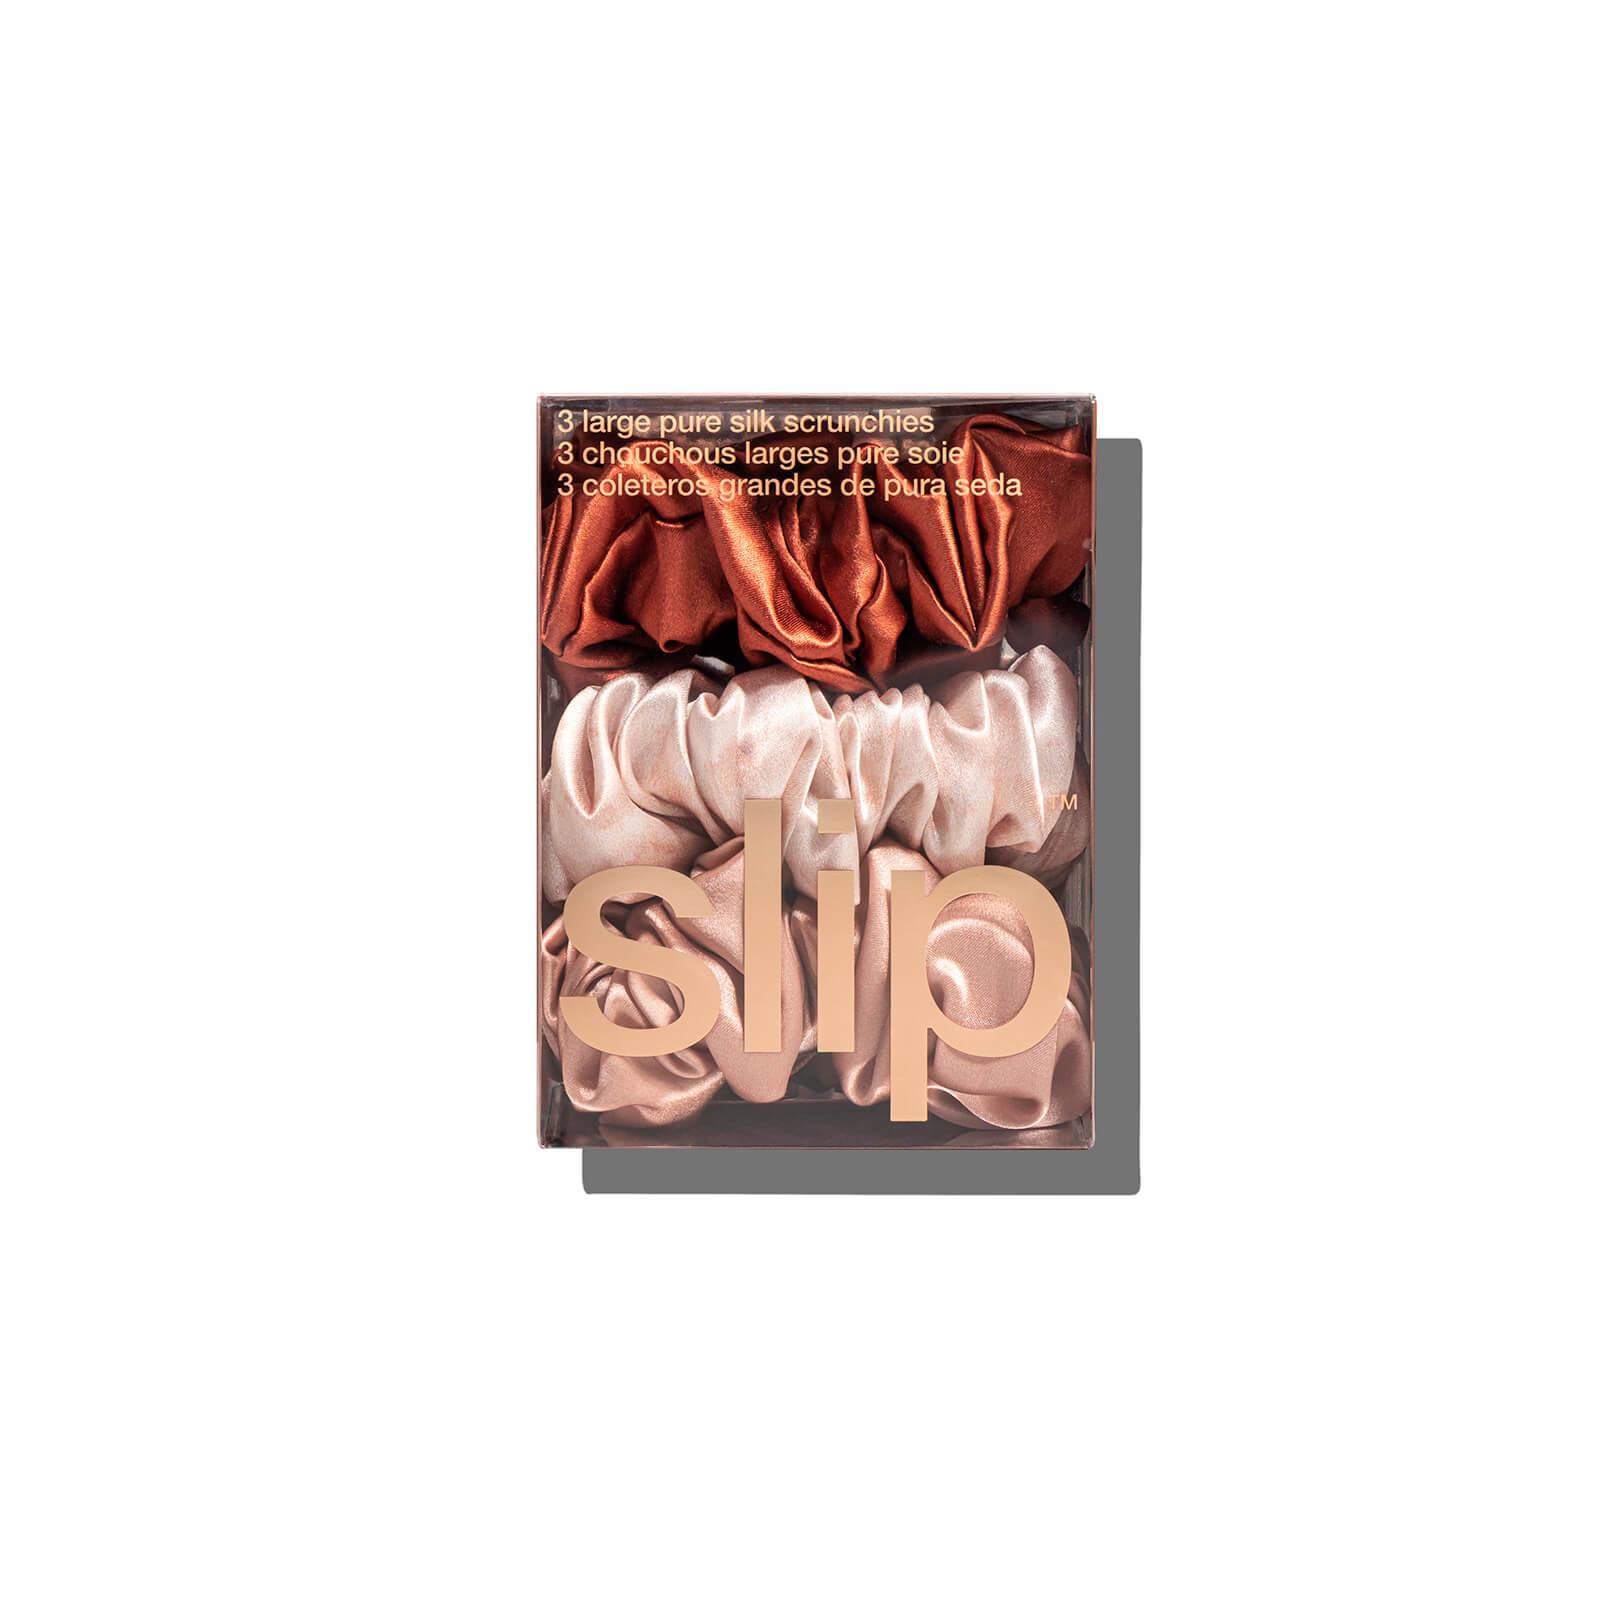 Slip SCRUNCHIES DESERT ROSE COLLECTION